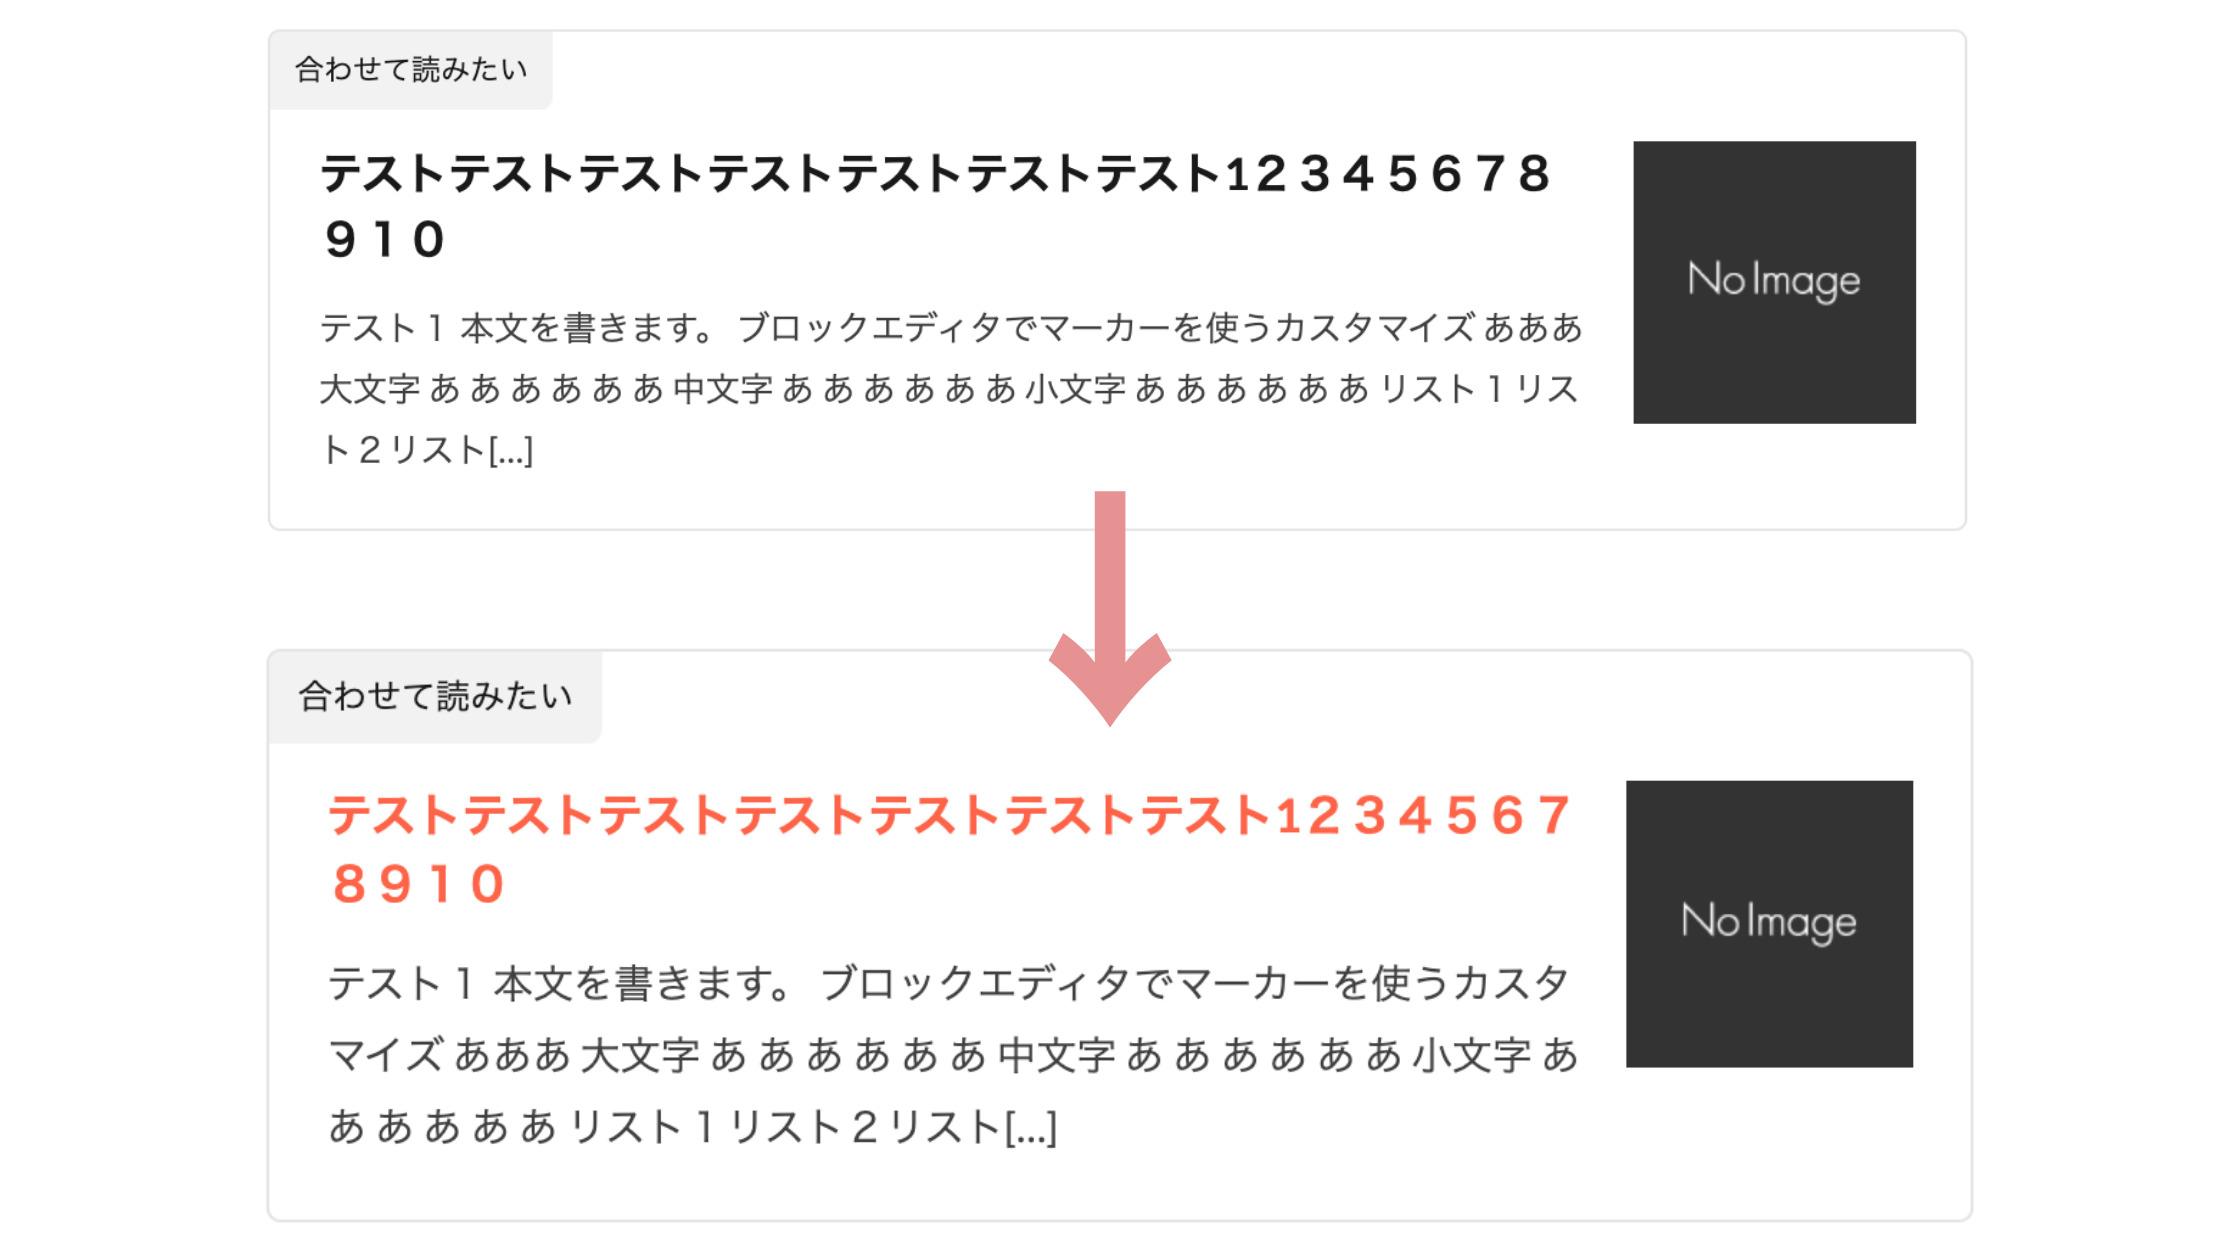 サイトカード・ブログカードのタイトルの色を変更する